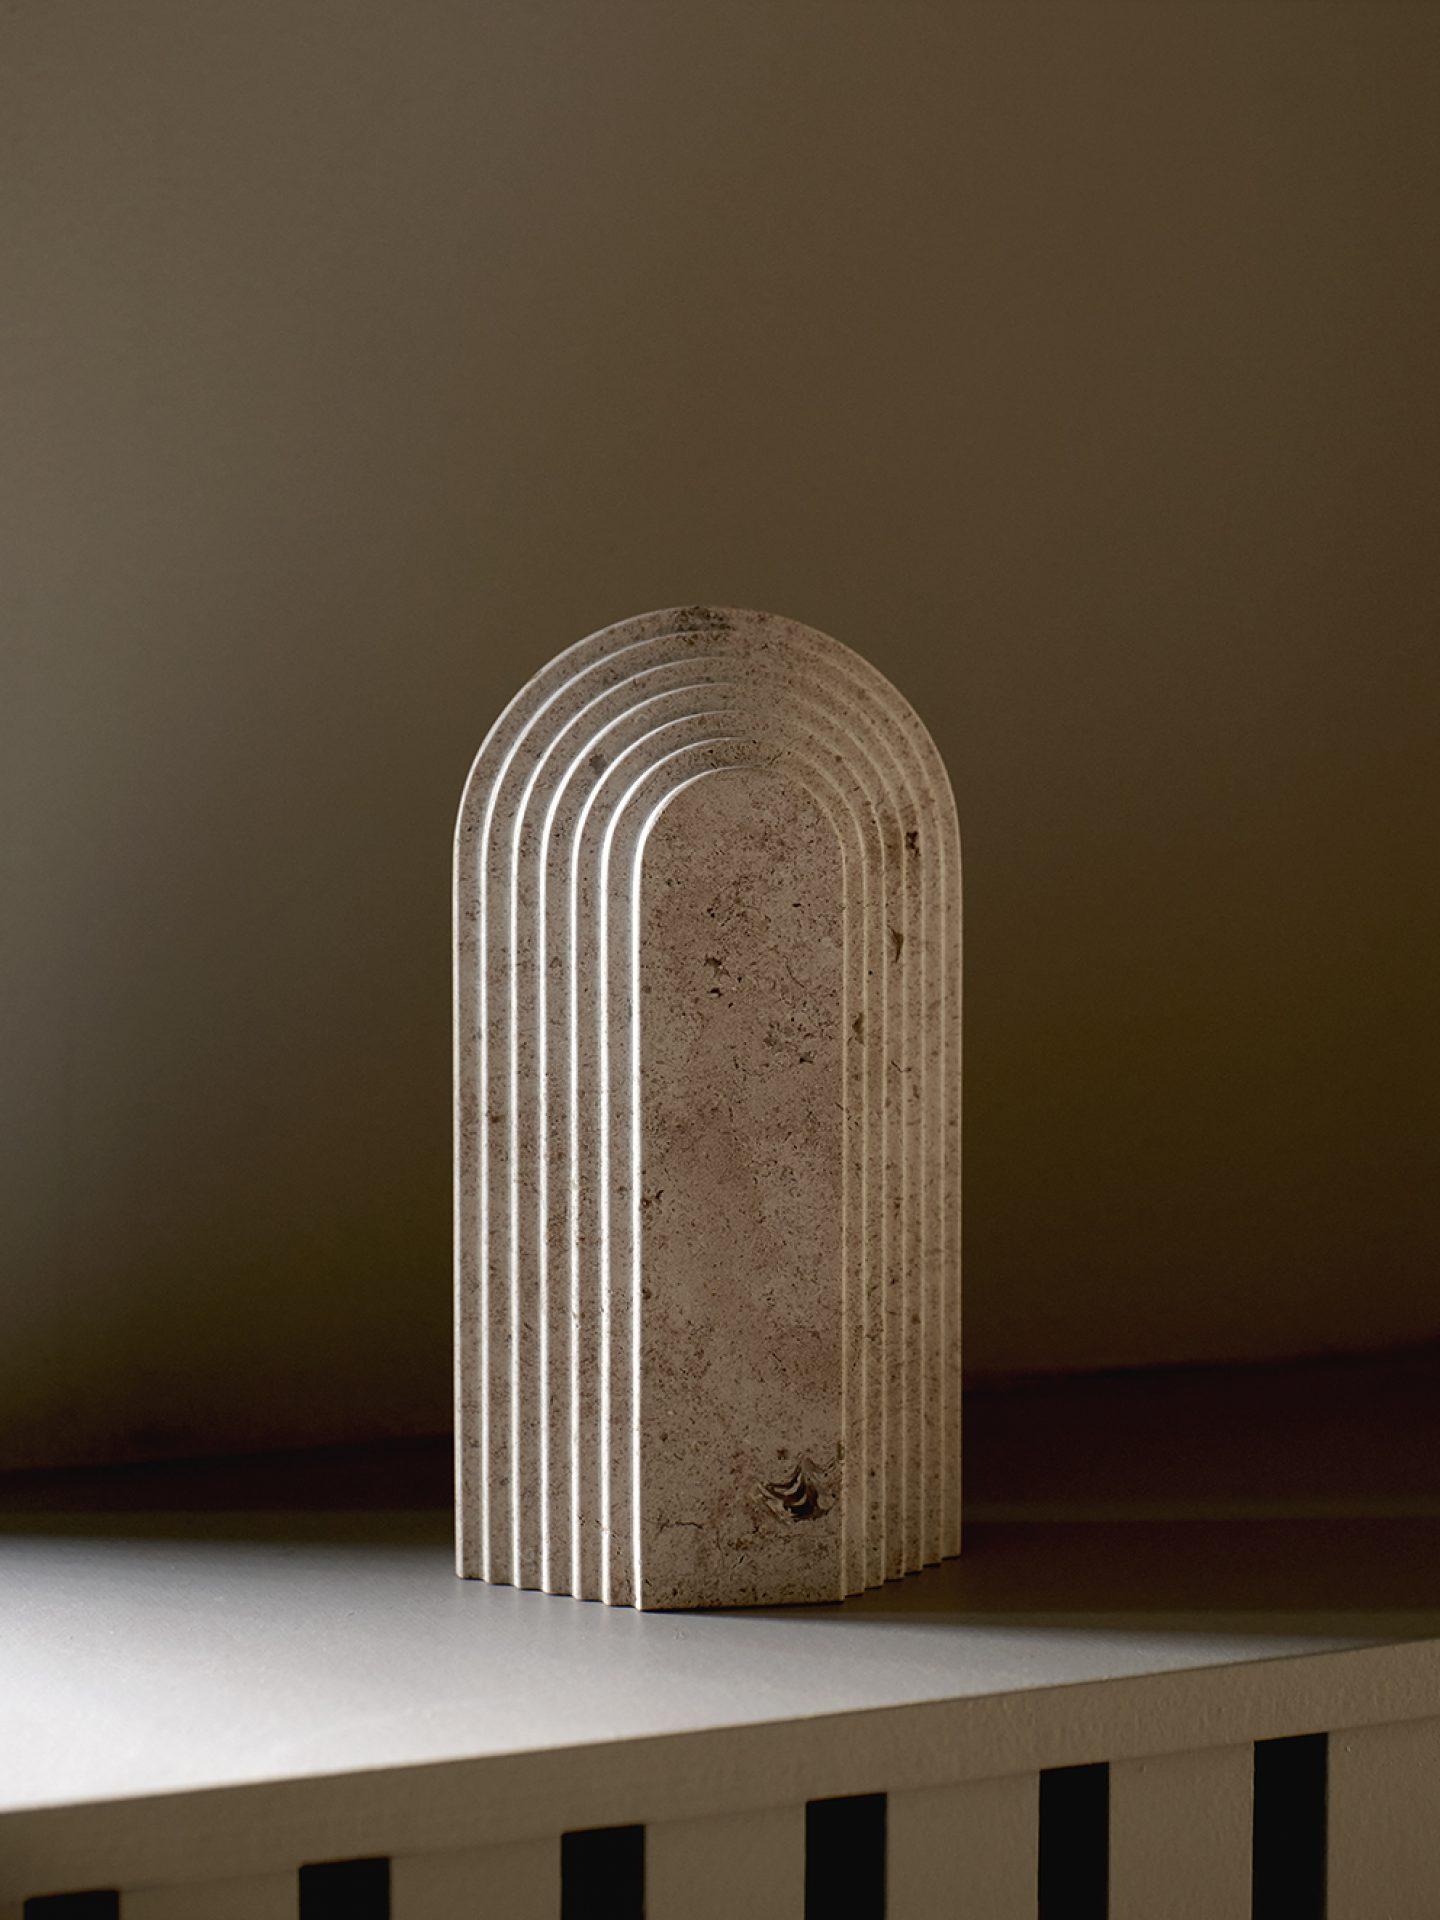 IGNANT-ART-Sculpture-Alium-17